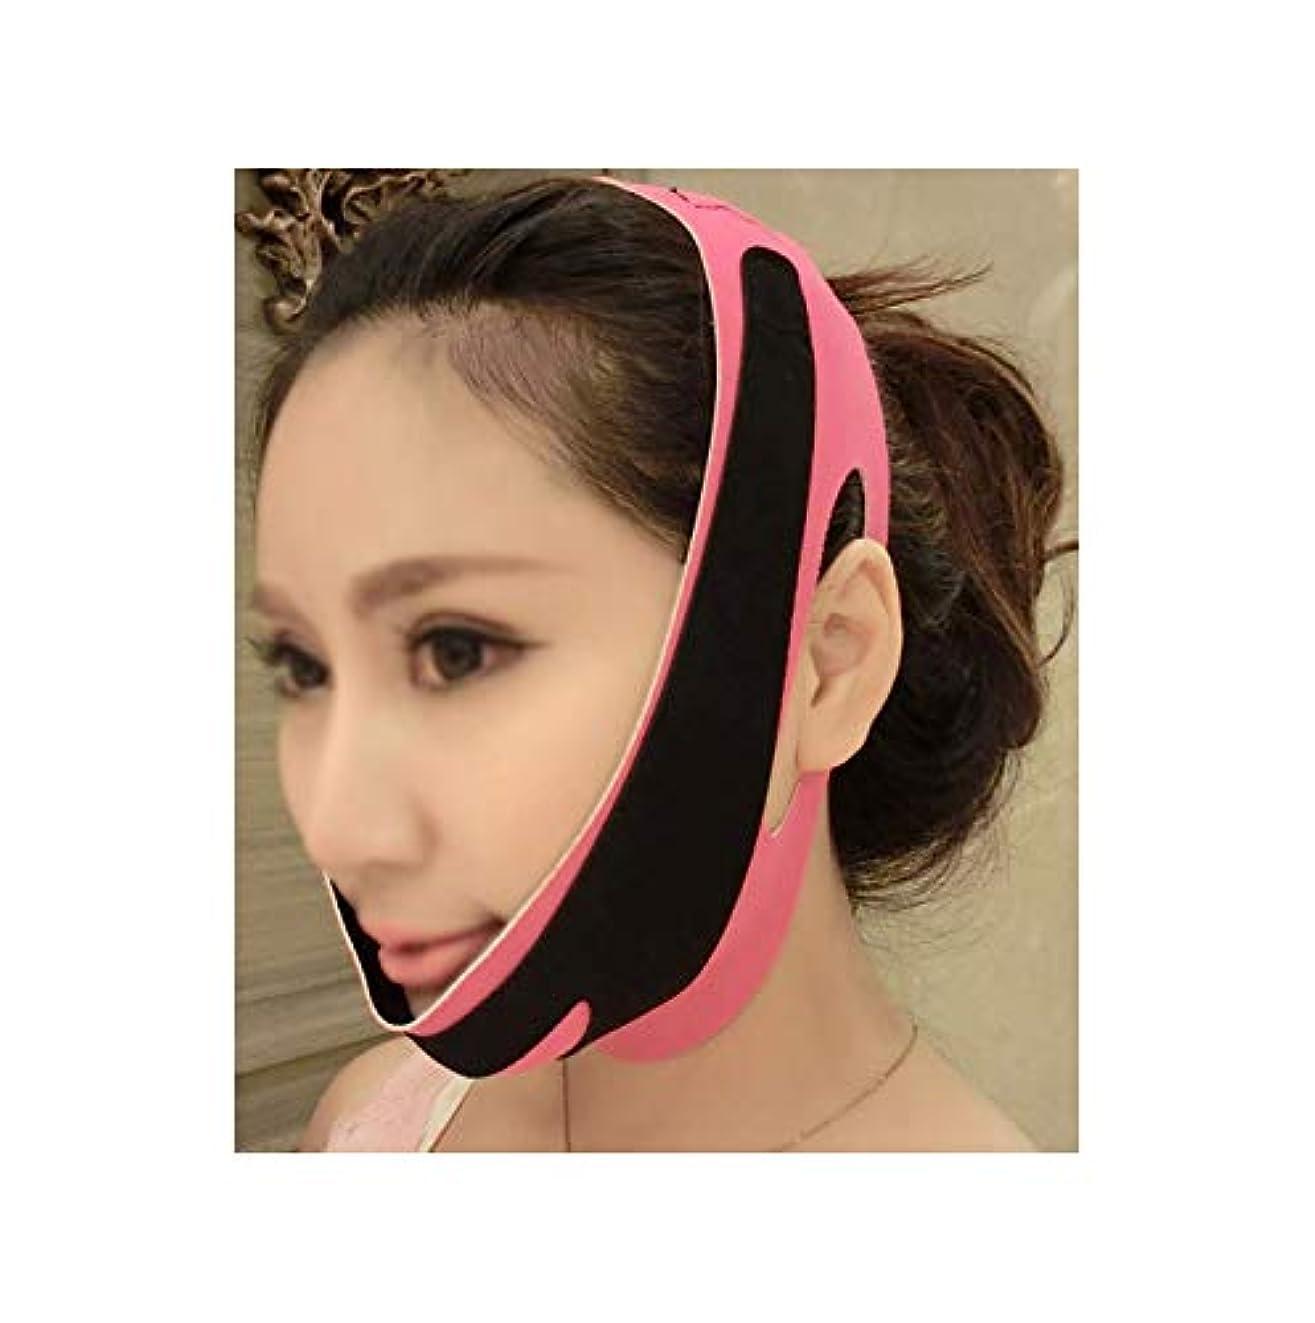 プーノ一杯納屋薄い顔包帯フェイススリム二重あごを取り除きますVラインフェイスシェイプを作成チンチークリフトアップアンチリンクルリフティングベルトフェイスマッサージツール女性と女の子